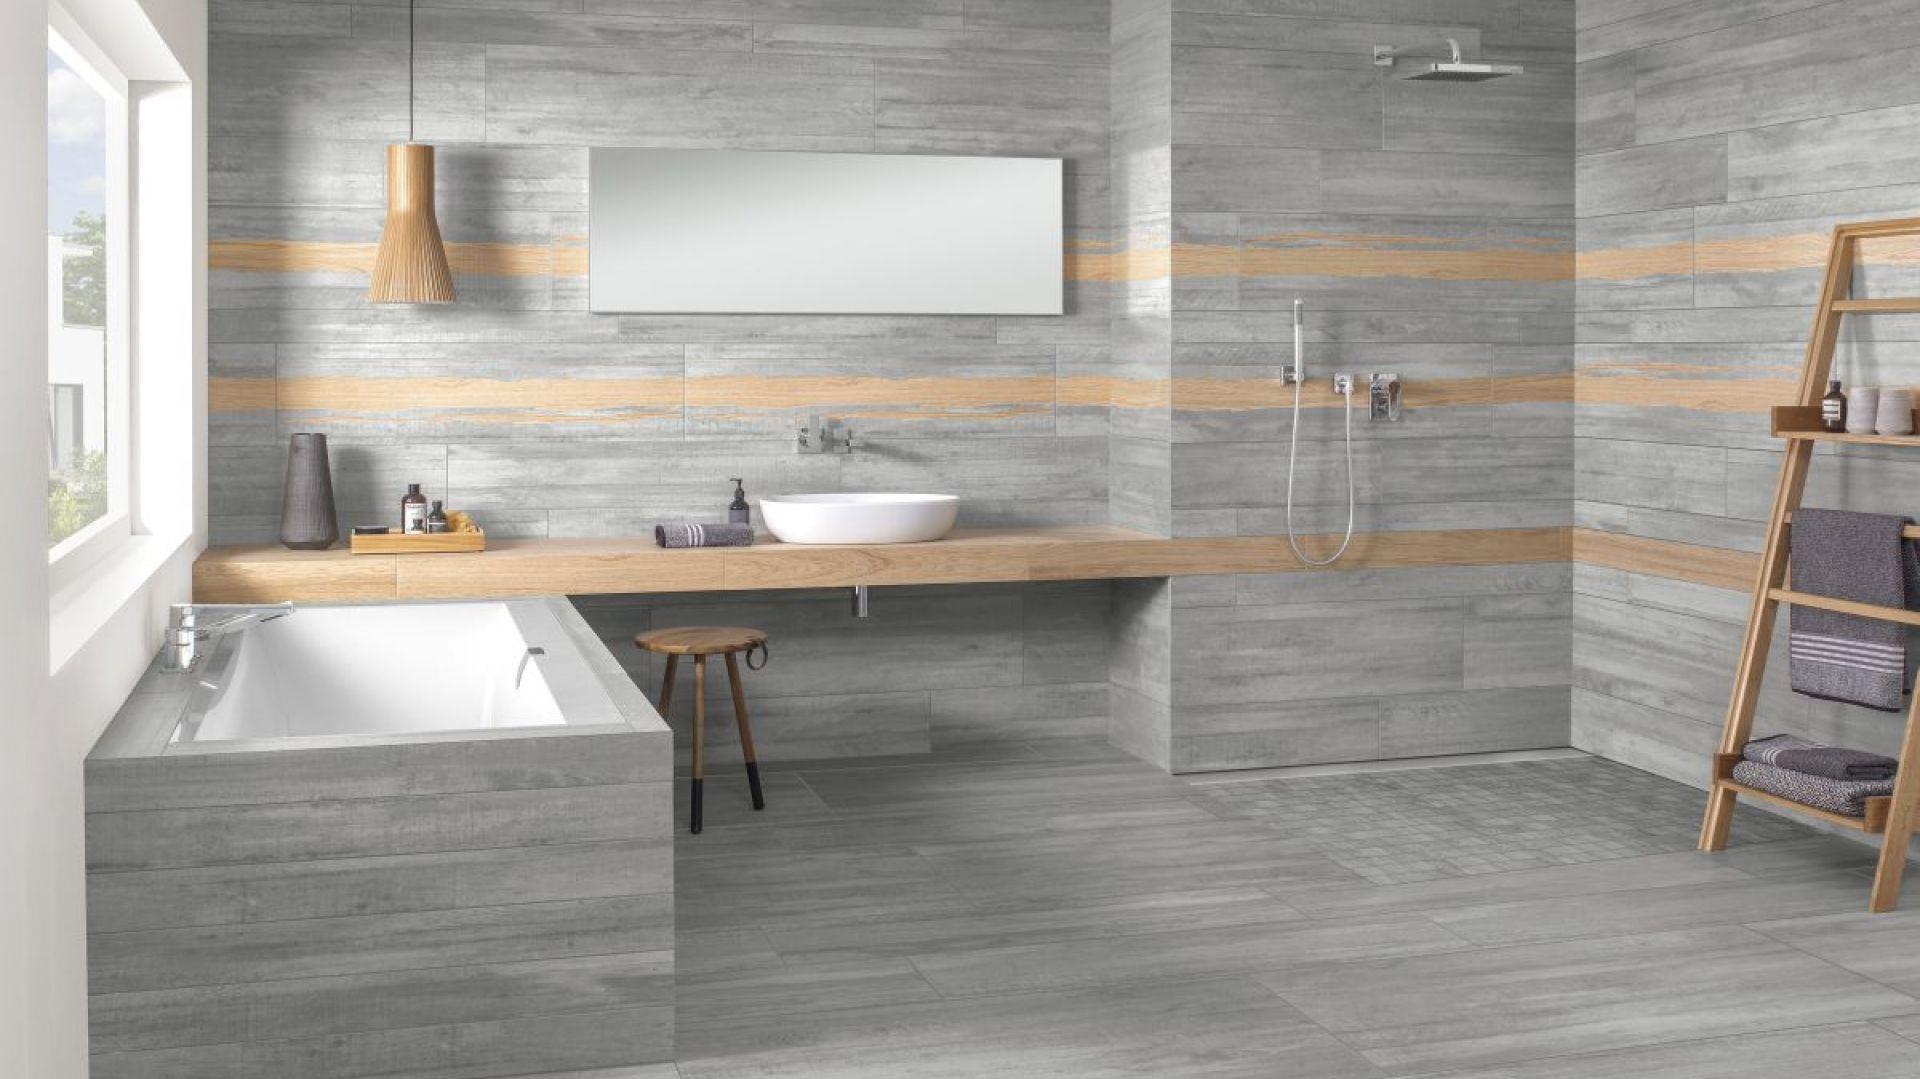 W łazienkach będą dominowały szarości, czasami przeplecione beżem. Fot. Villeroy & Boch